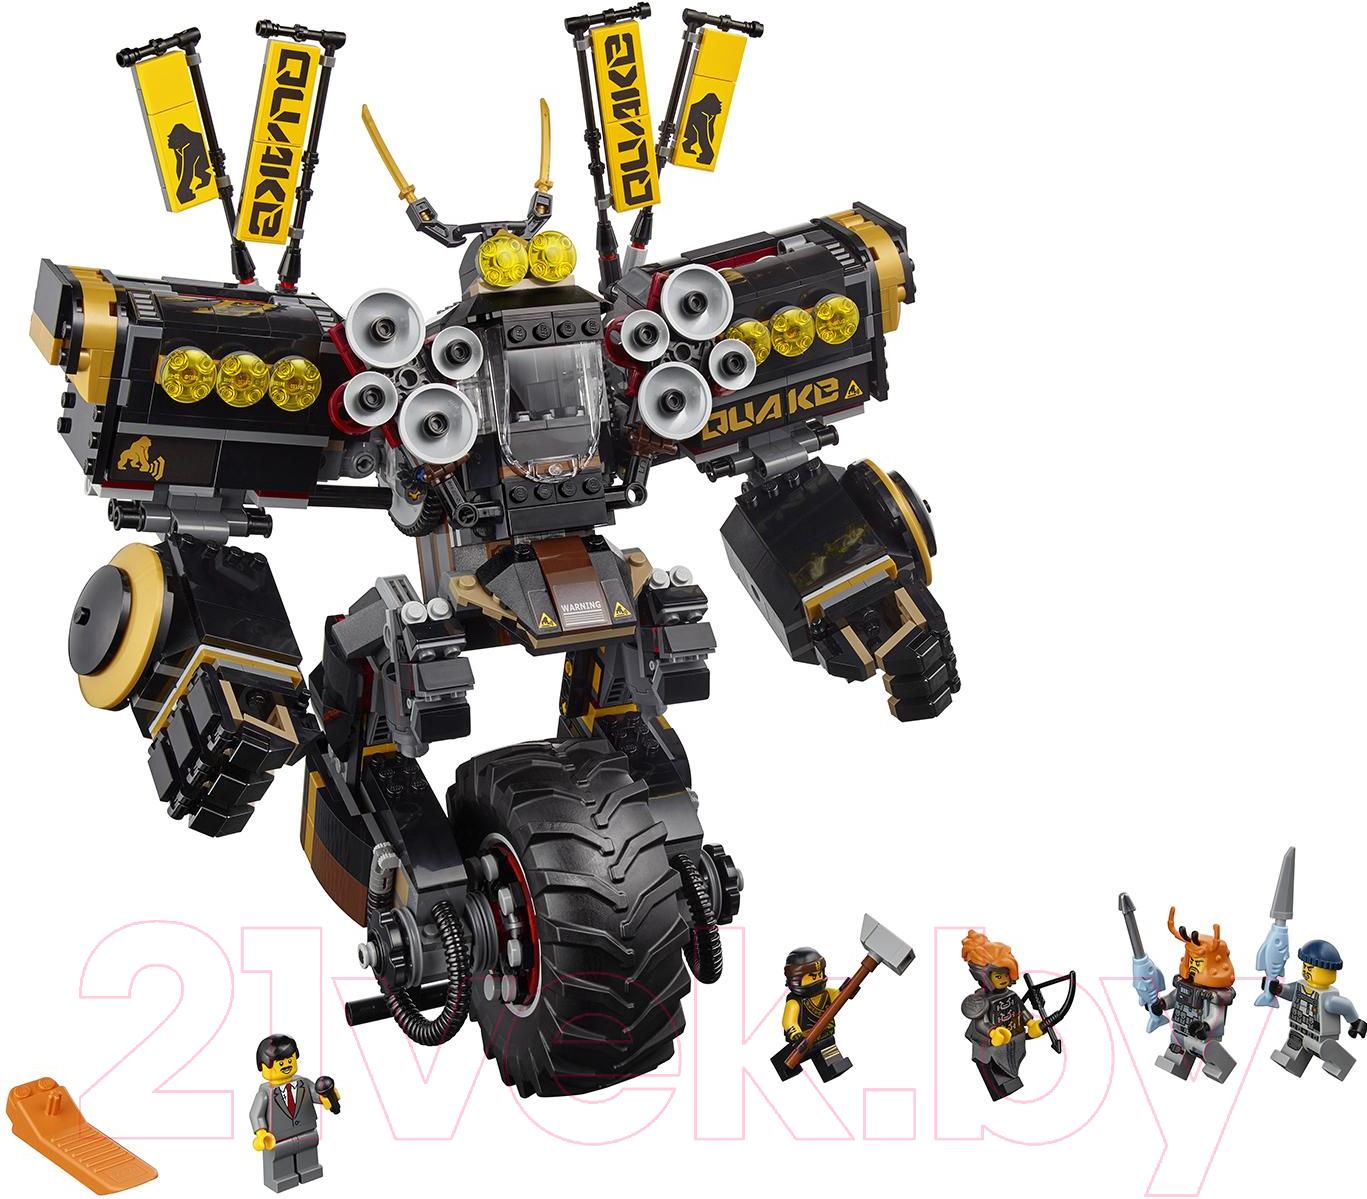 Купить Конструктор Lego, Ninjago Робот землетрясений 70632, Китай, пластик